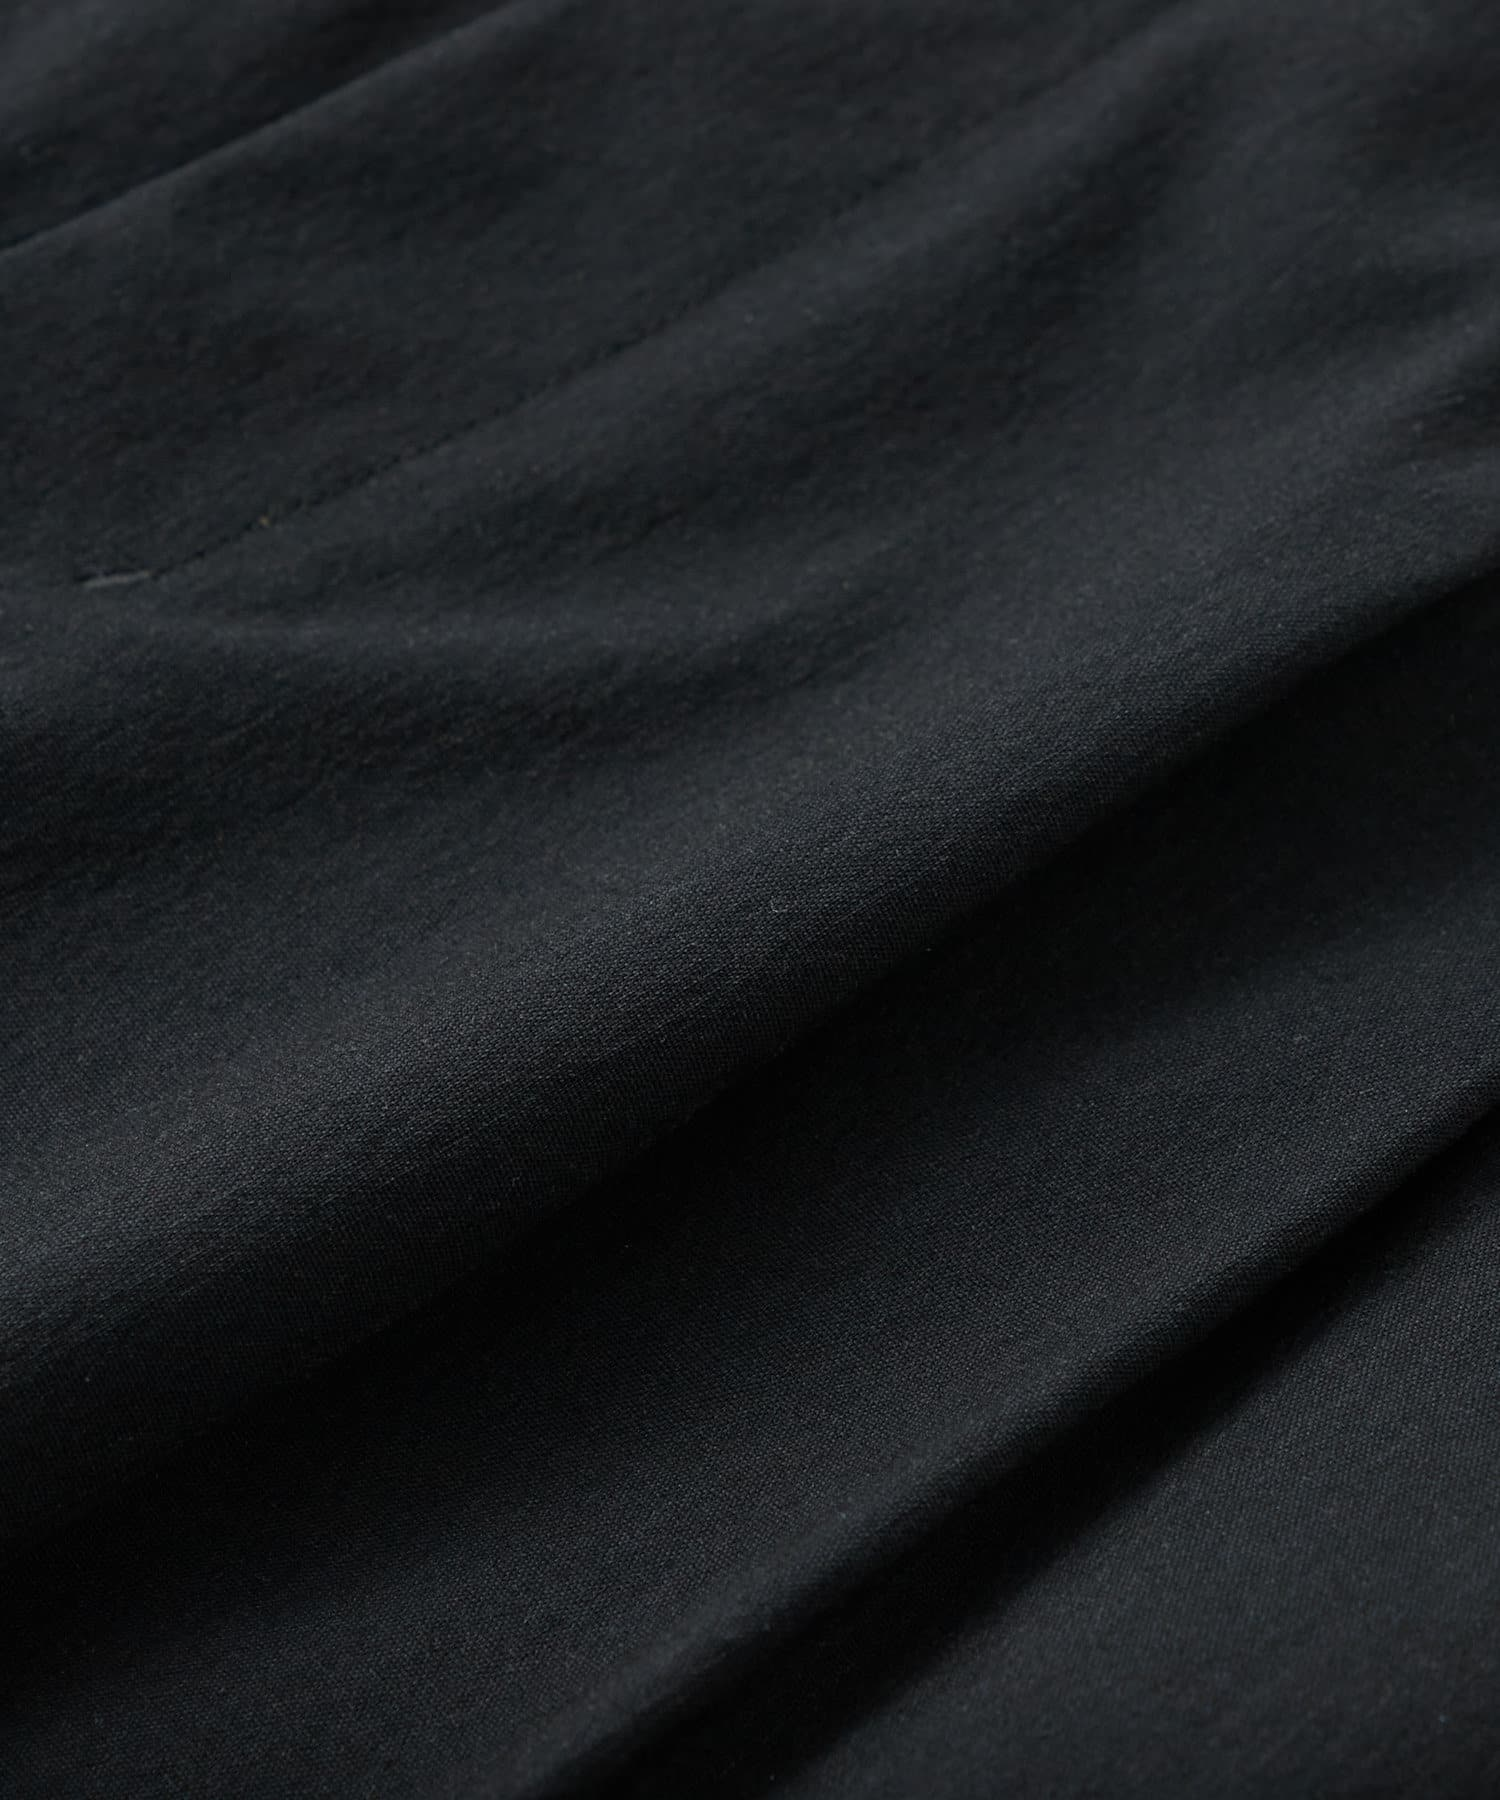 La boutique BonBon(ラブティックボンボン) 【手洗い可】レーヨン麻ストレッチインスリットパンツ